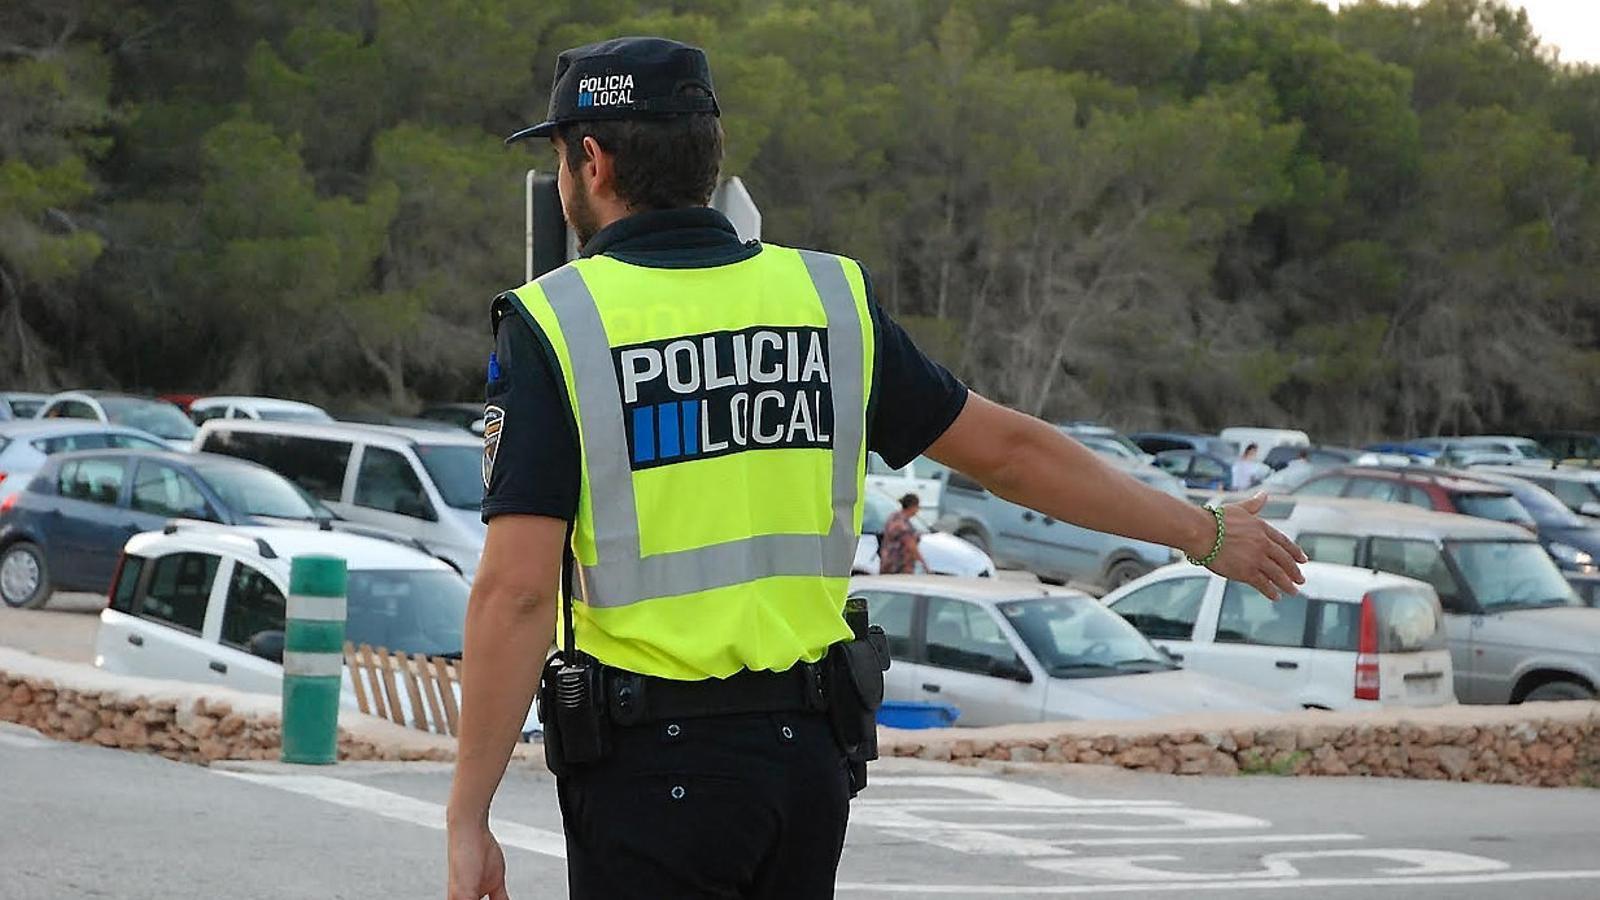 Un agent de la Policia Local dirigeix el trànsit a una zona d'aparcament.